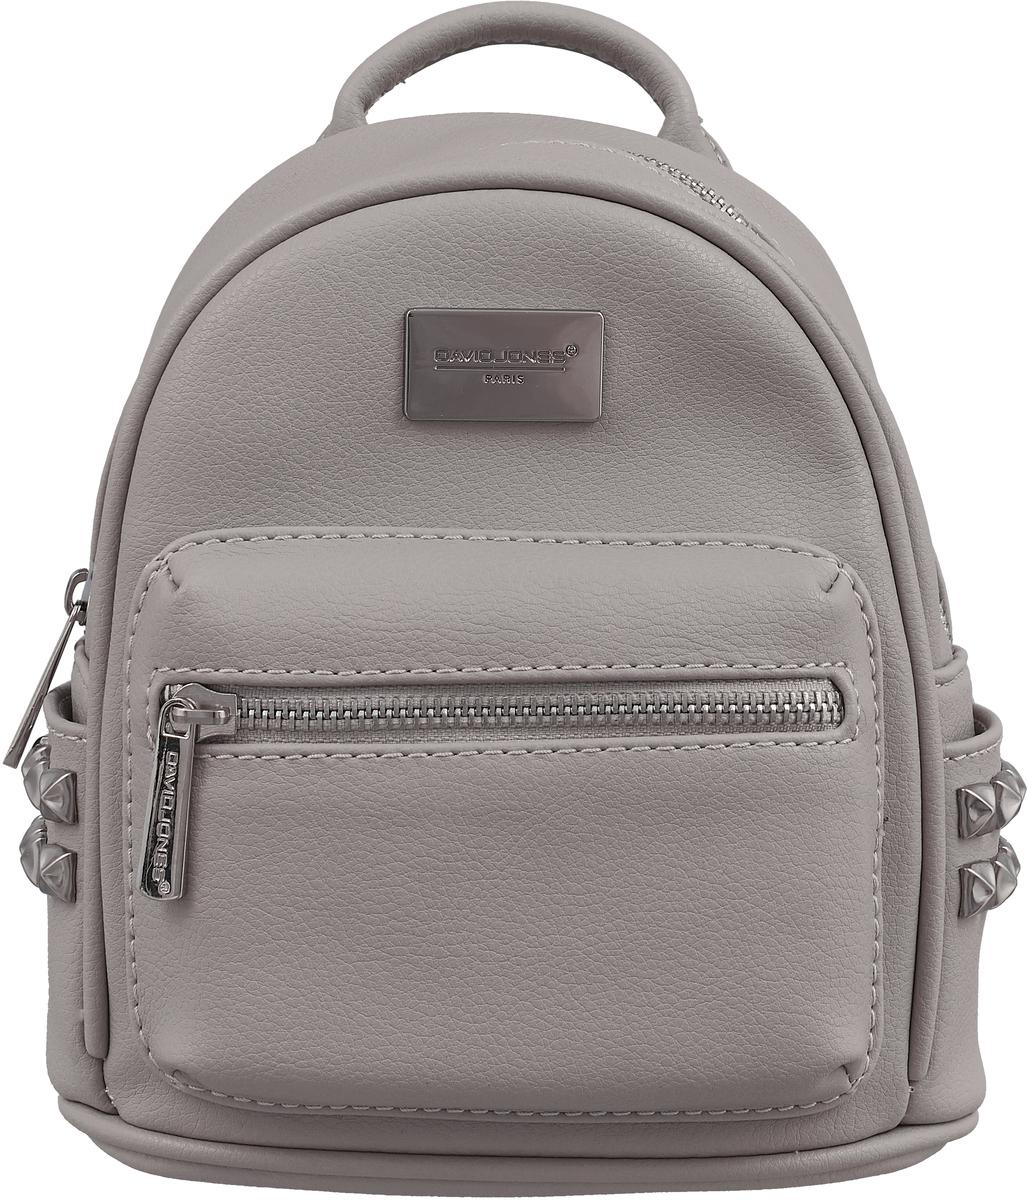 Рюкзак женский David Jones, цвет: серый. CM3657A/L.GREY рюкзак david jones david jones da919bwbkev7